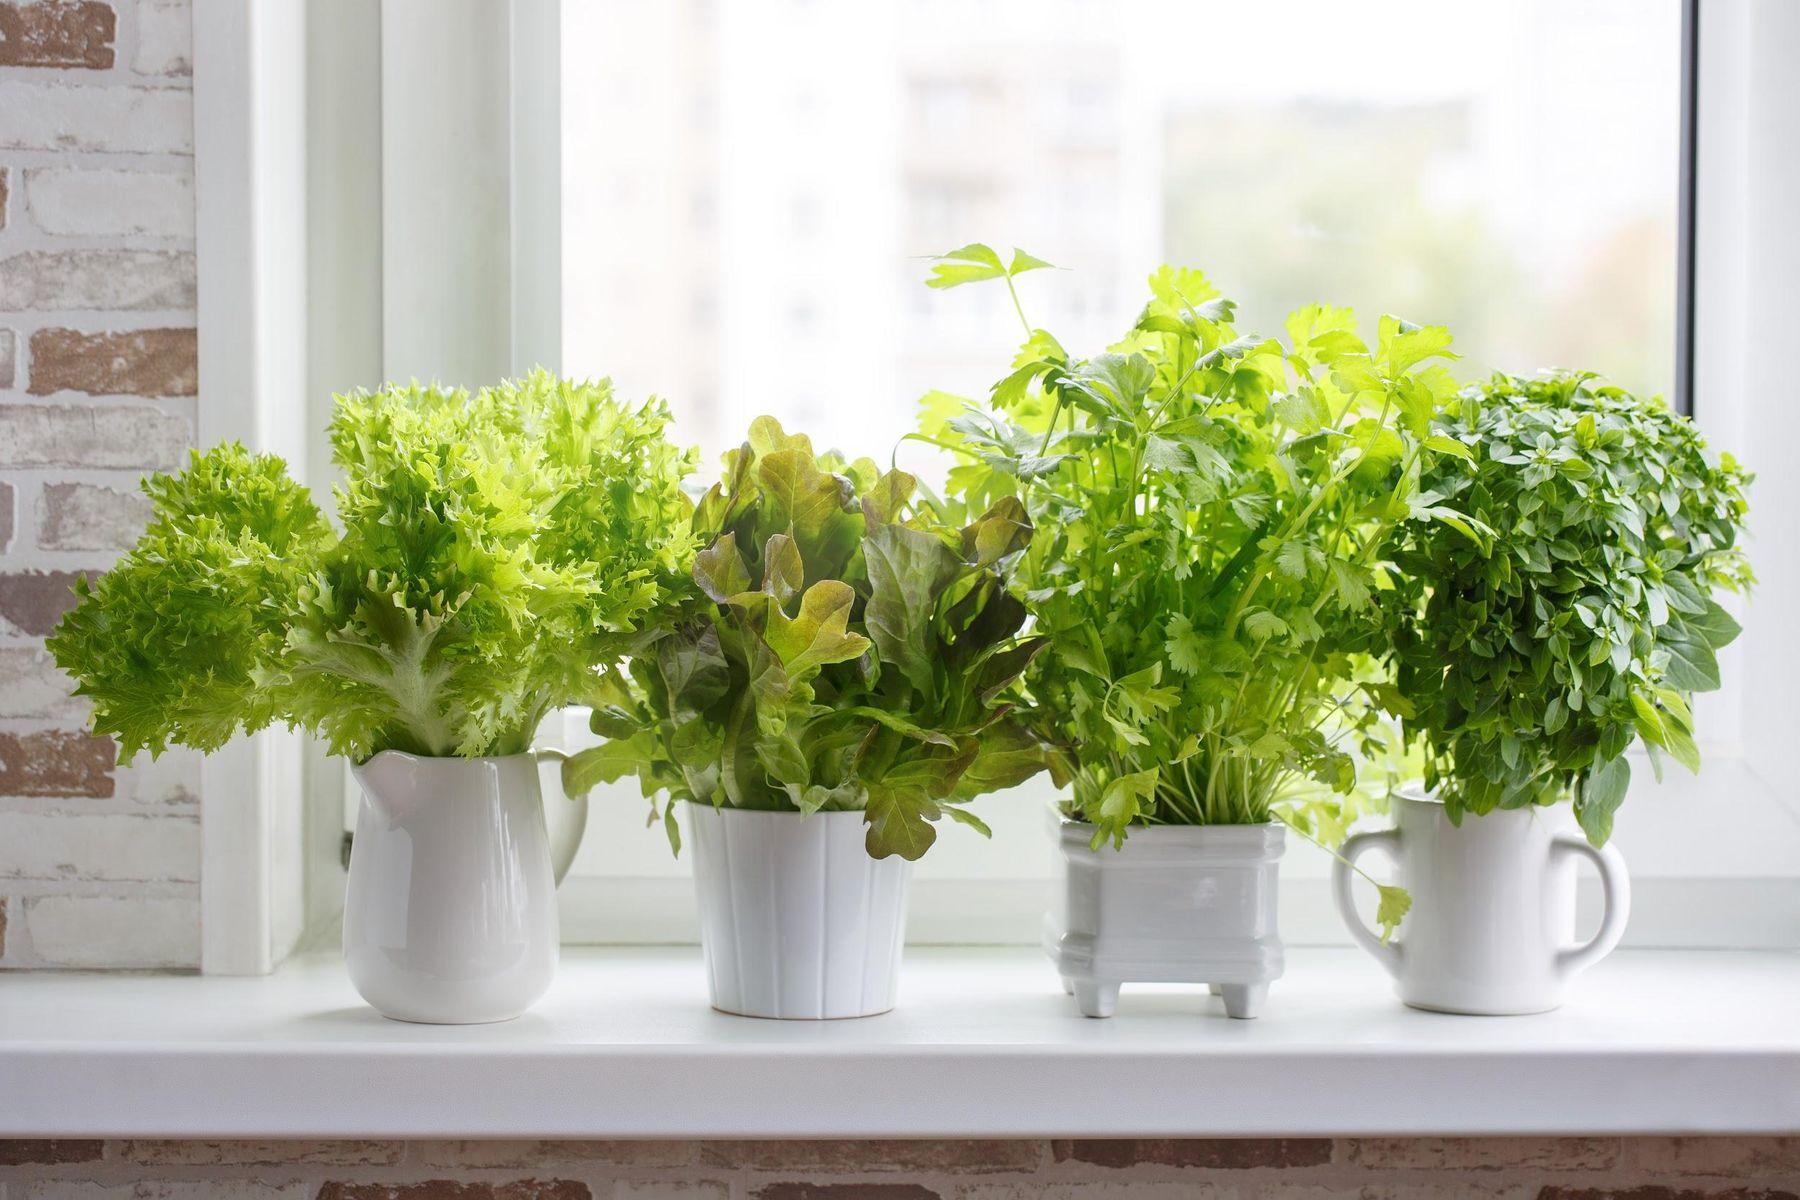 Step 3: Vasinhos decorativos com ervas na janela